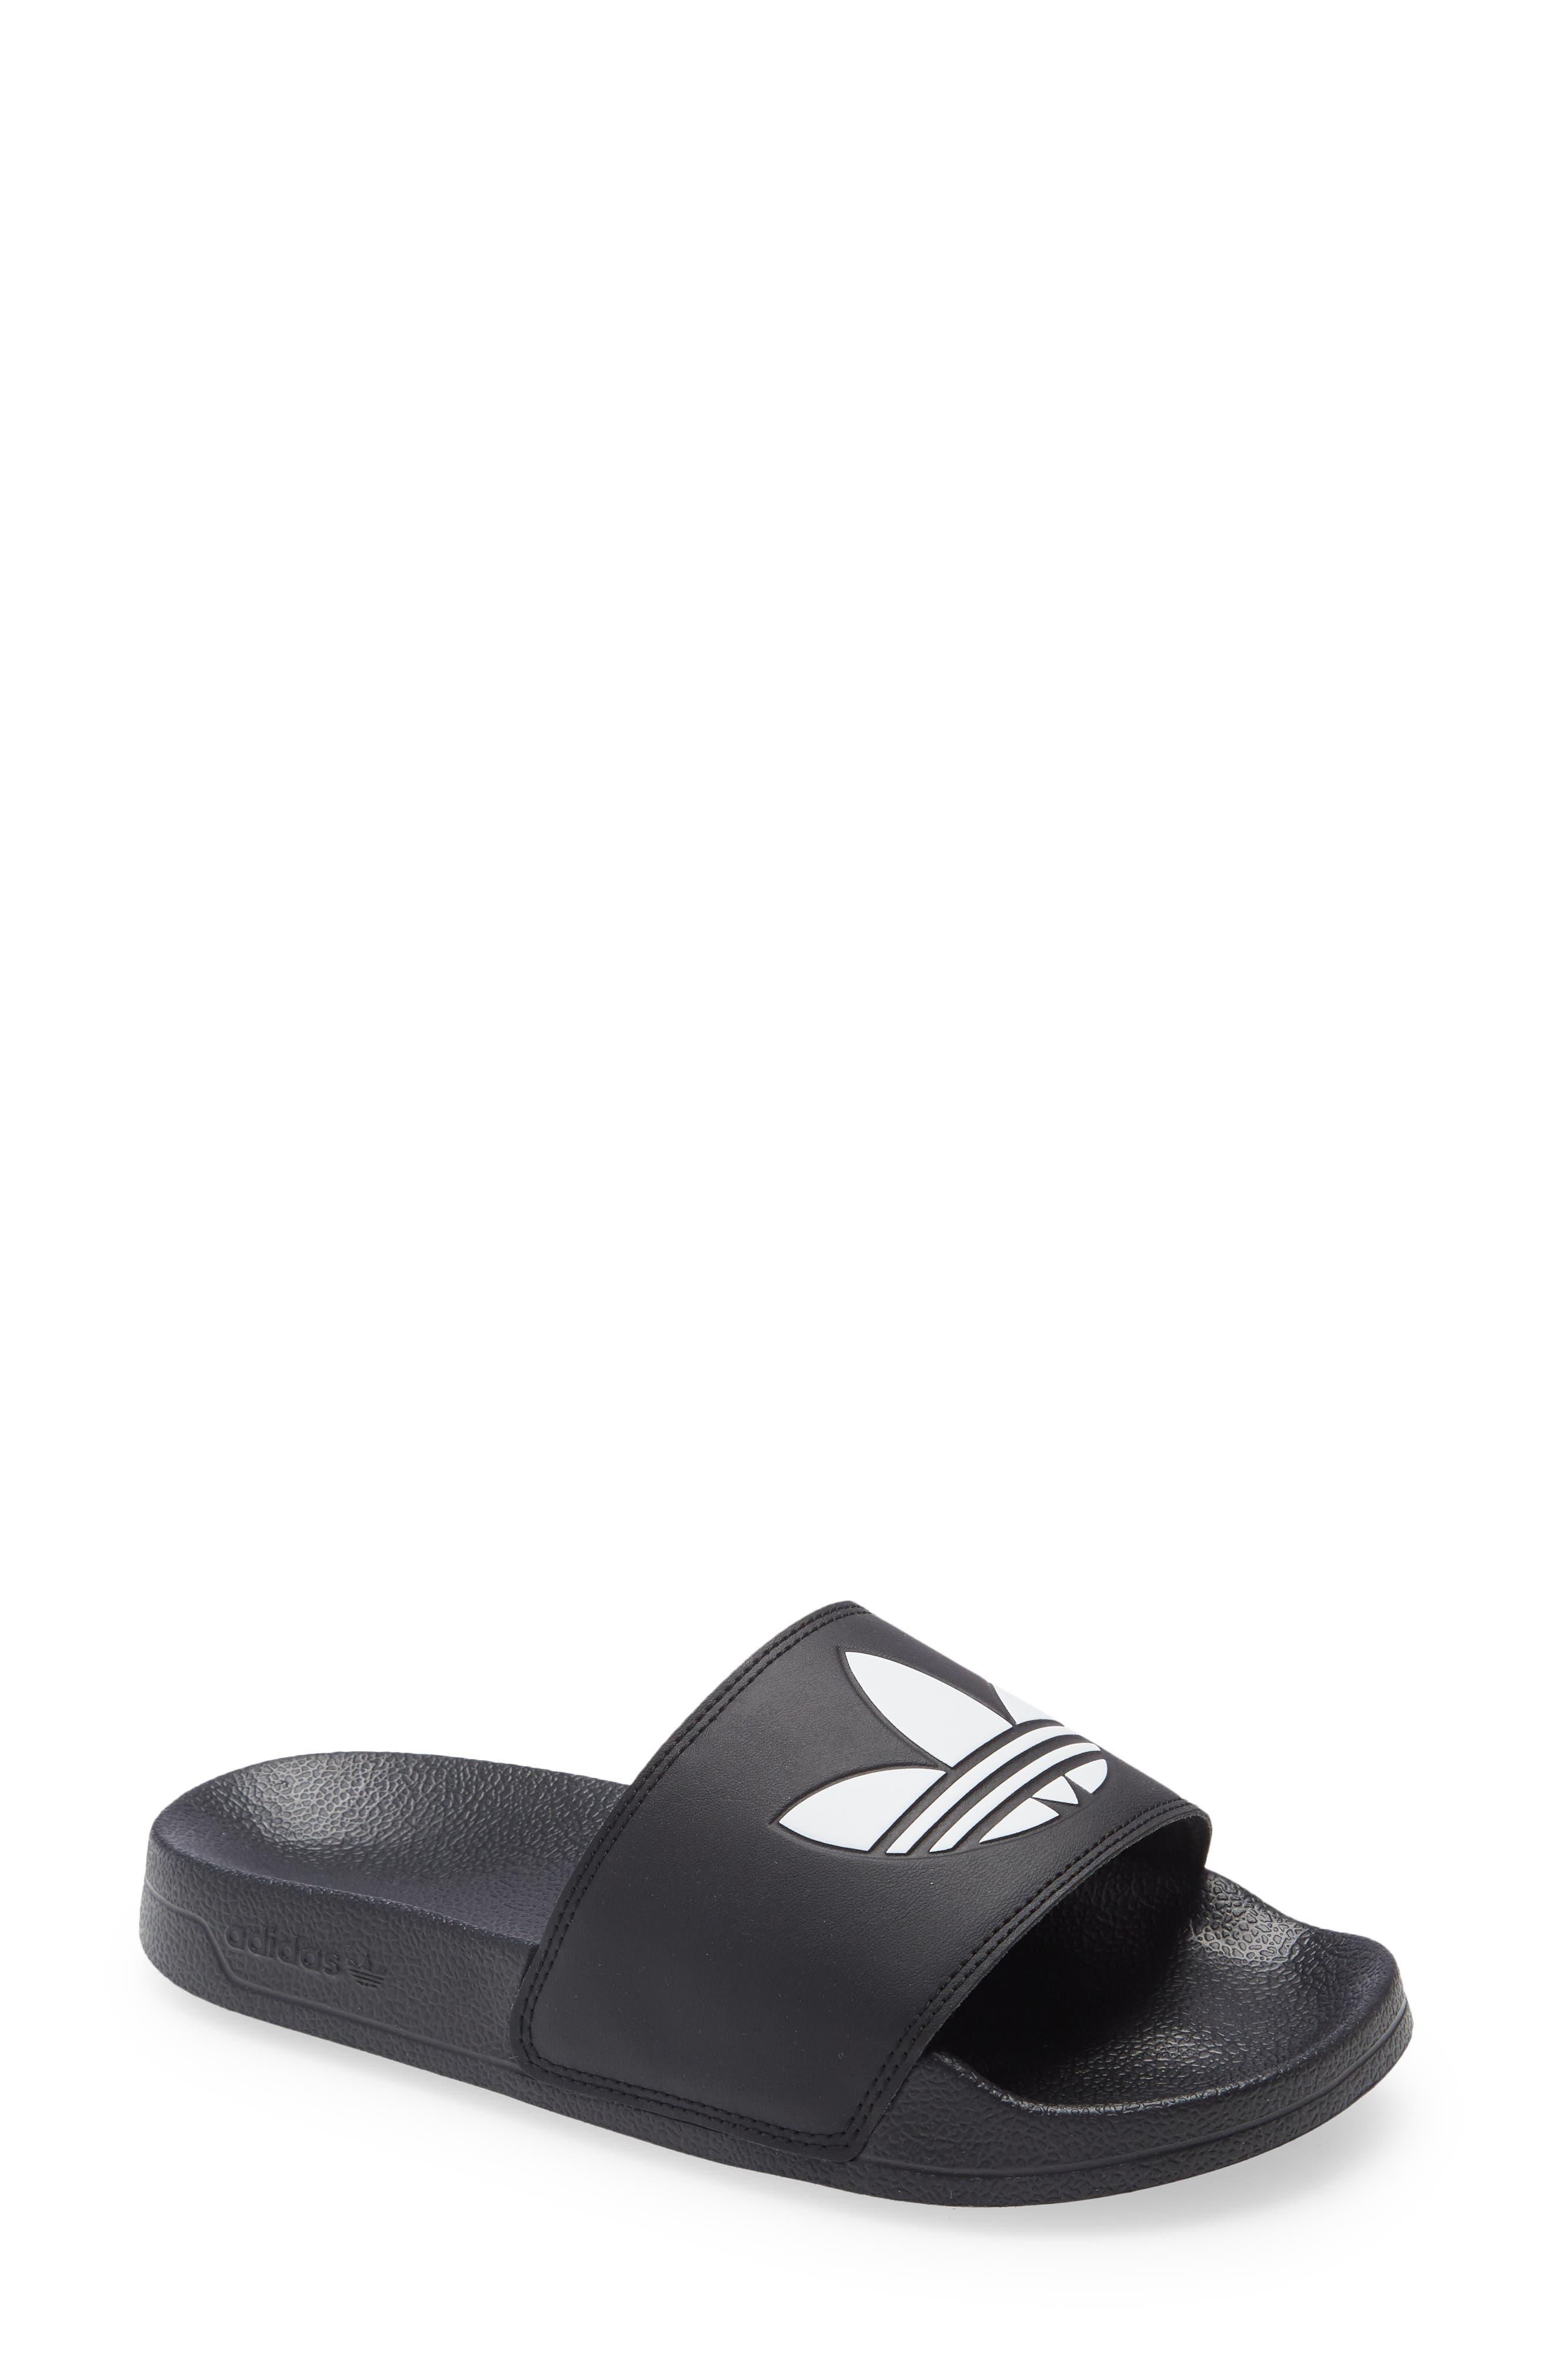 adidas Kid's Adidas Adilette Lite Sport Slide, Size 4 M - Black